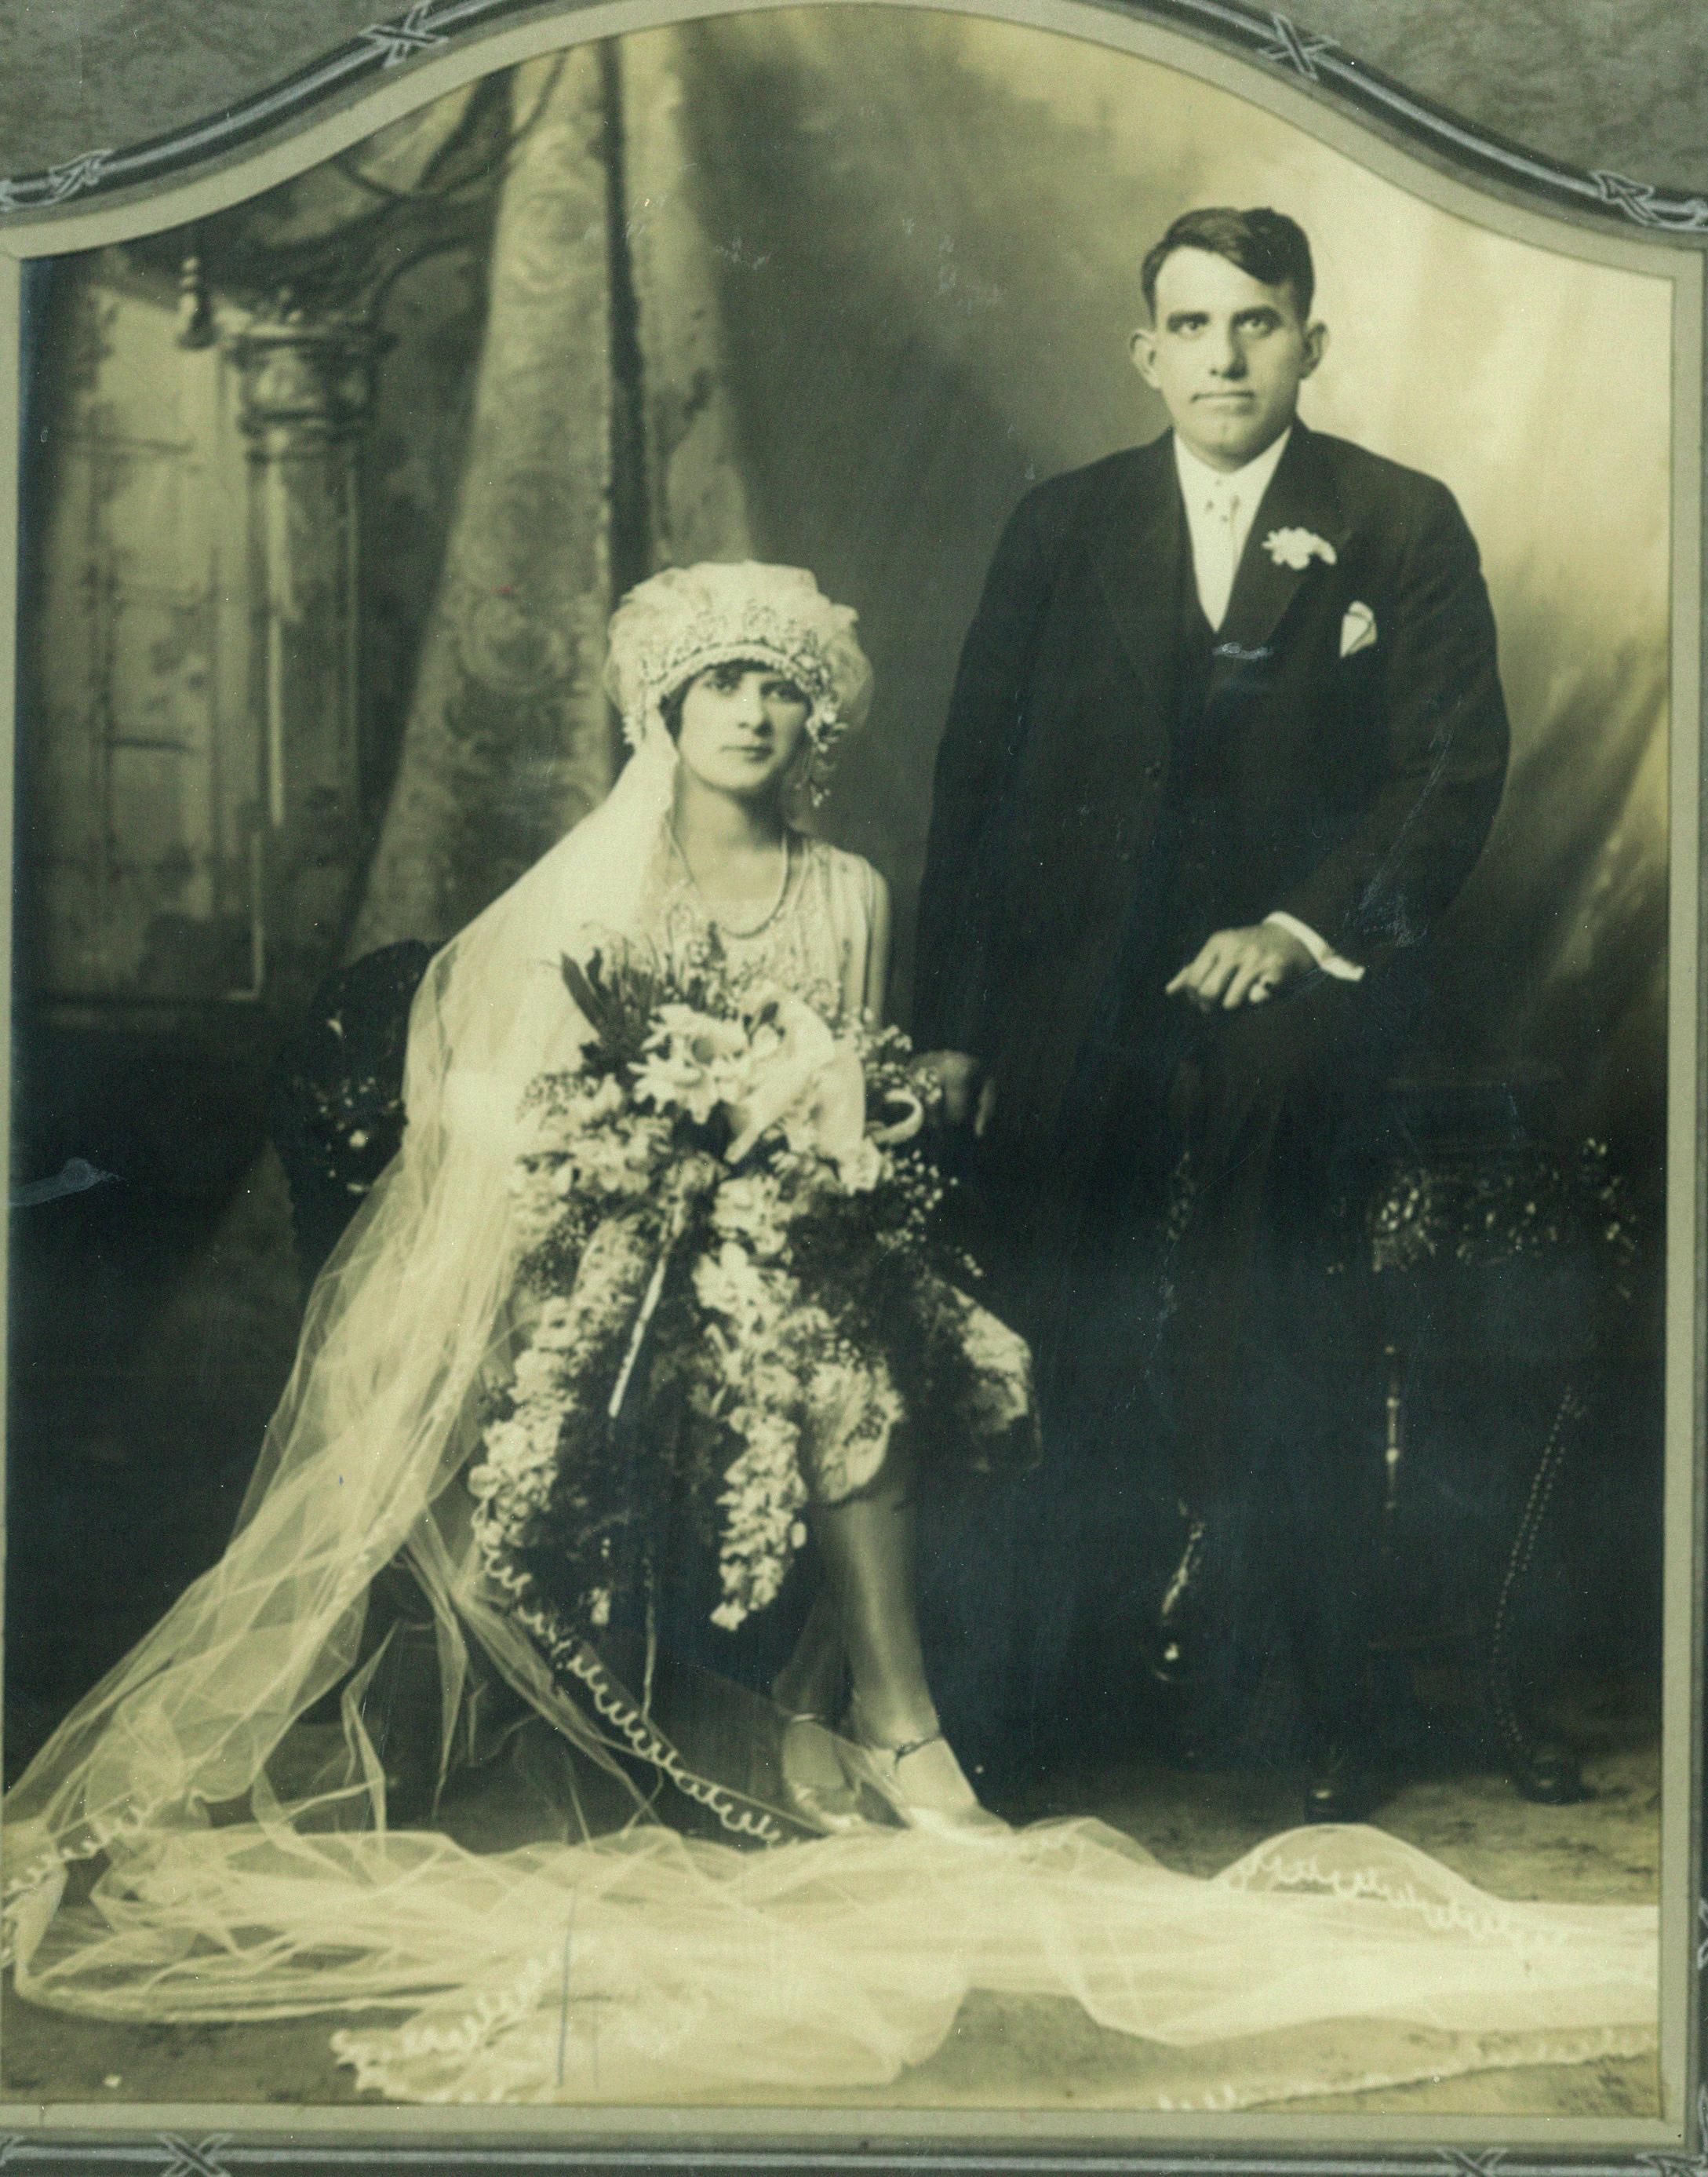 Maria & Vittorio Sangiacomo, 1928